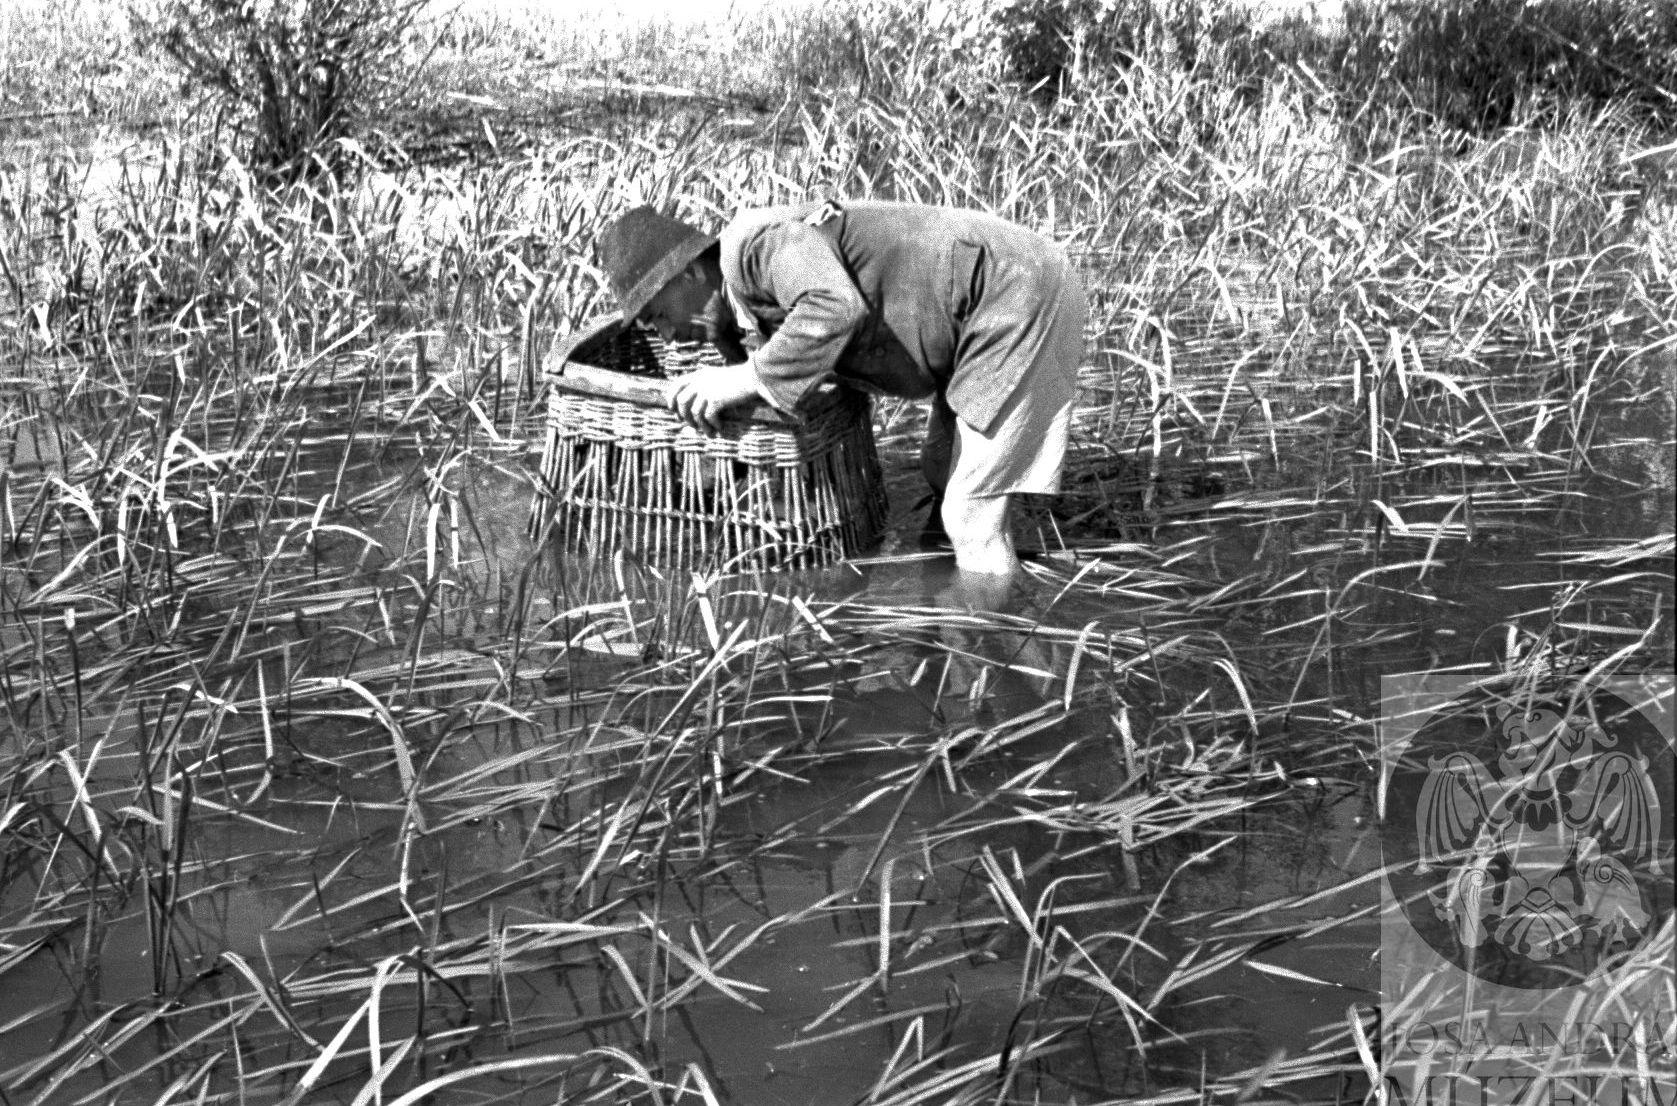 """""""A magyar halászember az igazi kemény emberek közül való; marka az evezőtől, a kötéltől cserepes, akár a vas. Rá se hederít az időre. Bőrig ázva nem is gondol a szárítgatásra, mindaddig, amíg nem végezte dolgát."""" (Herman Ottó)"""